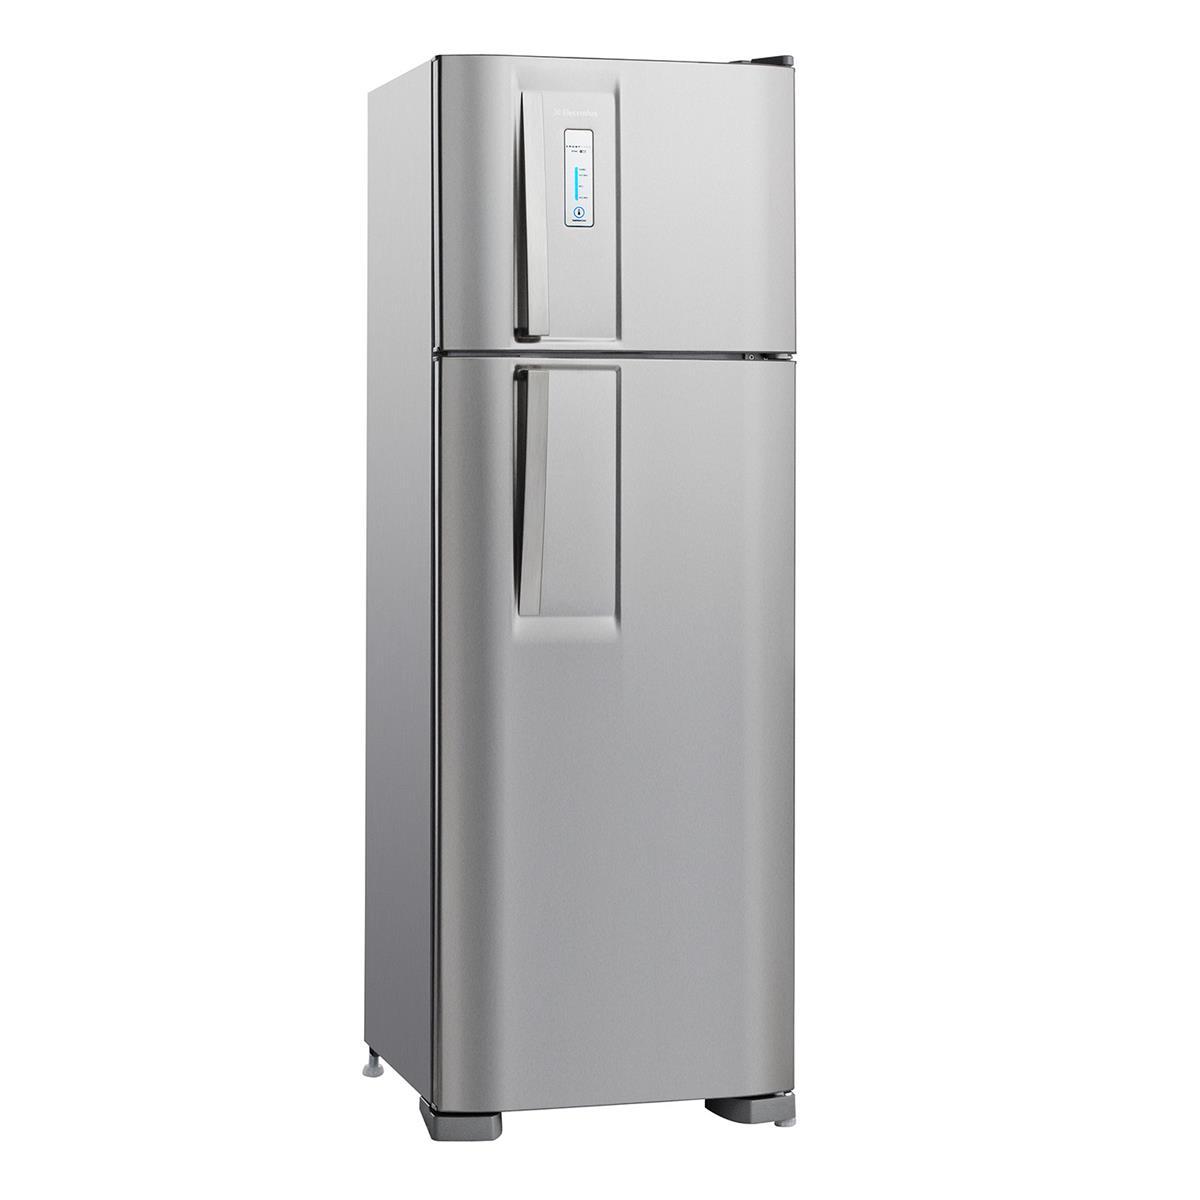 Geladeira Frost Free 2 Portas 310L Inox Df36x Electrolux